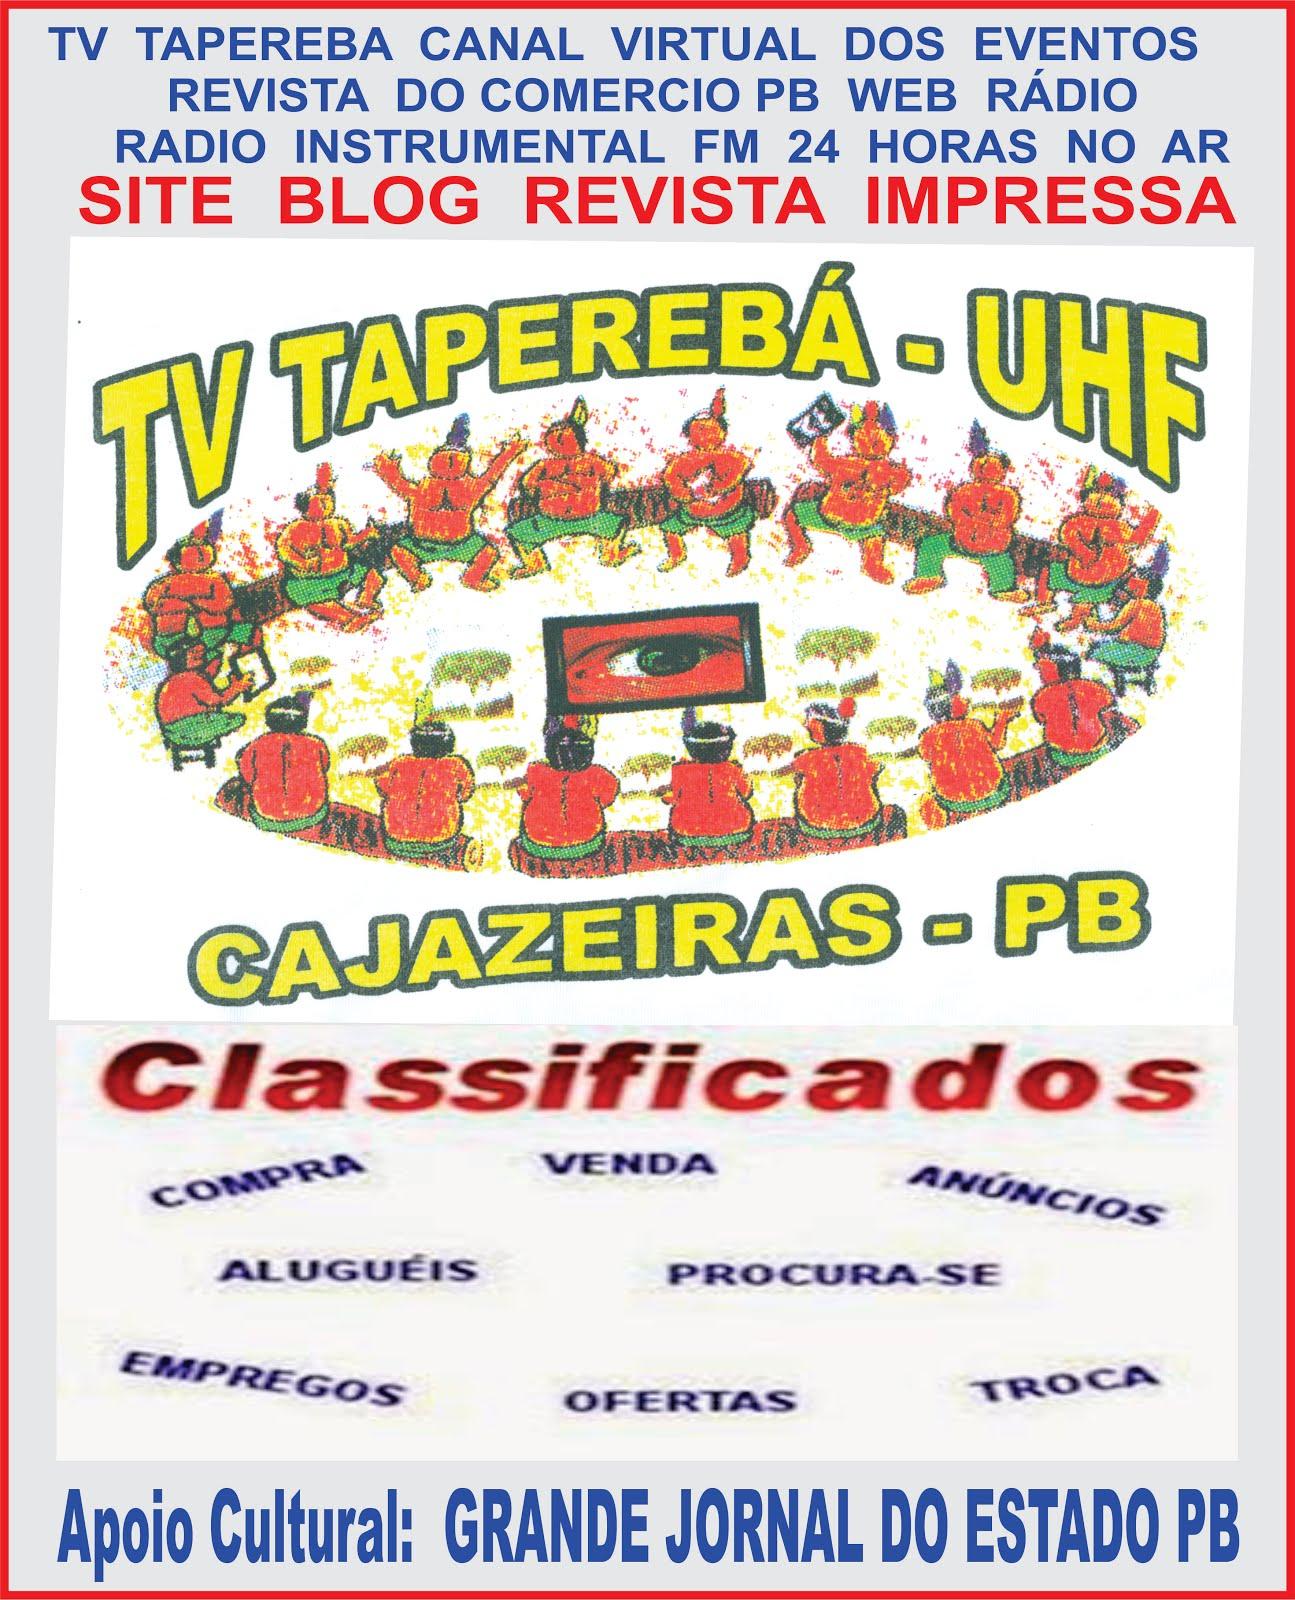 BREVE  BREVE  CANAL  TV  TAPEREBA   CAJAZEIRAS PB  O CANAL DOS EVENTOS